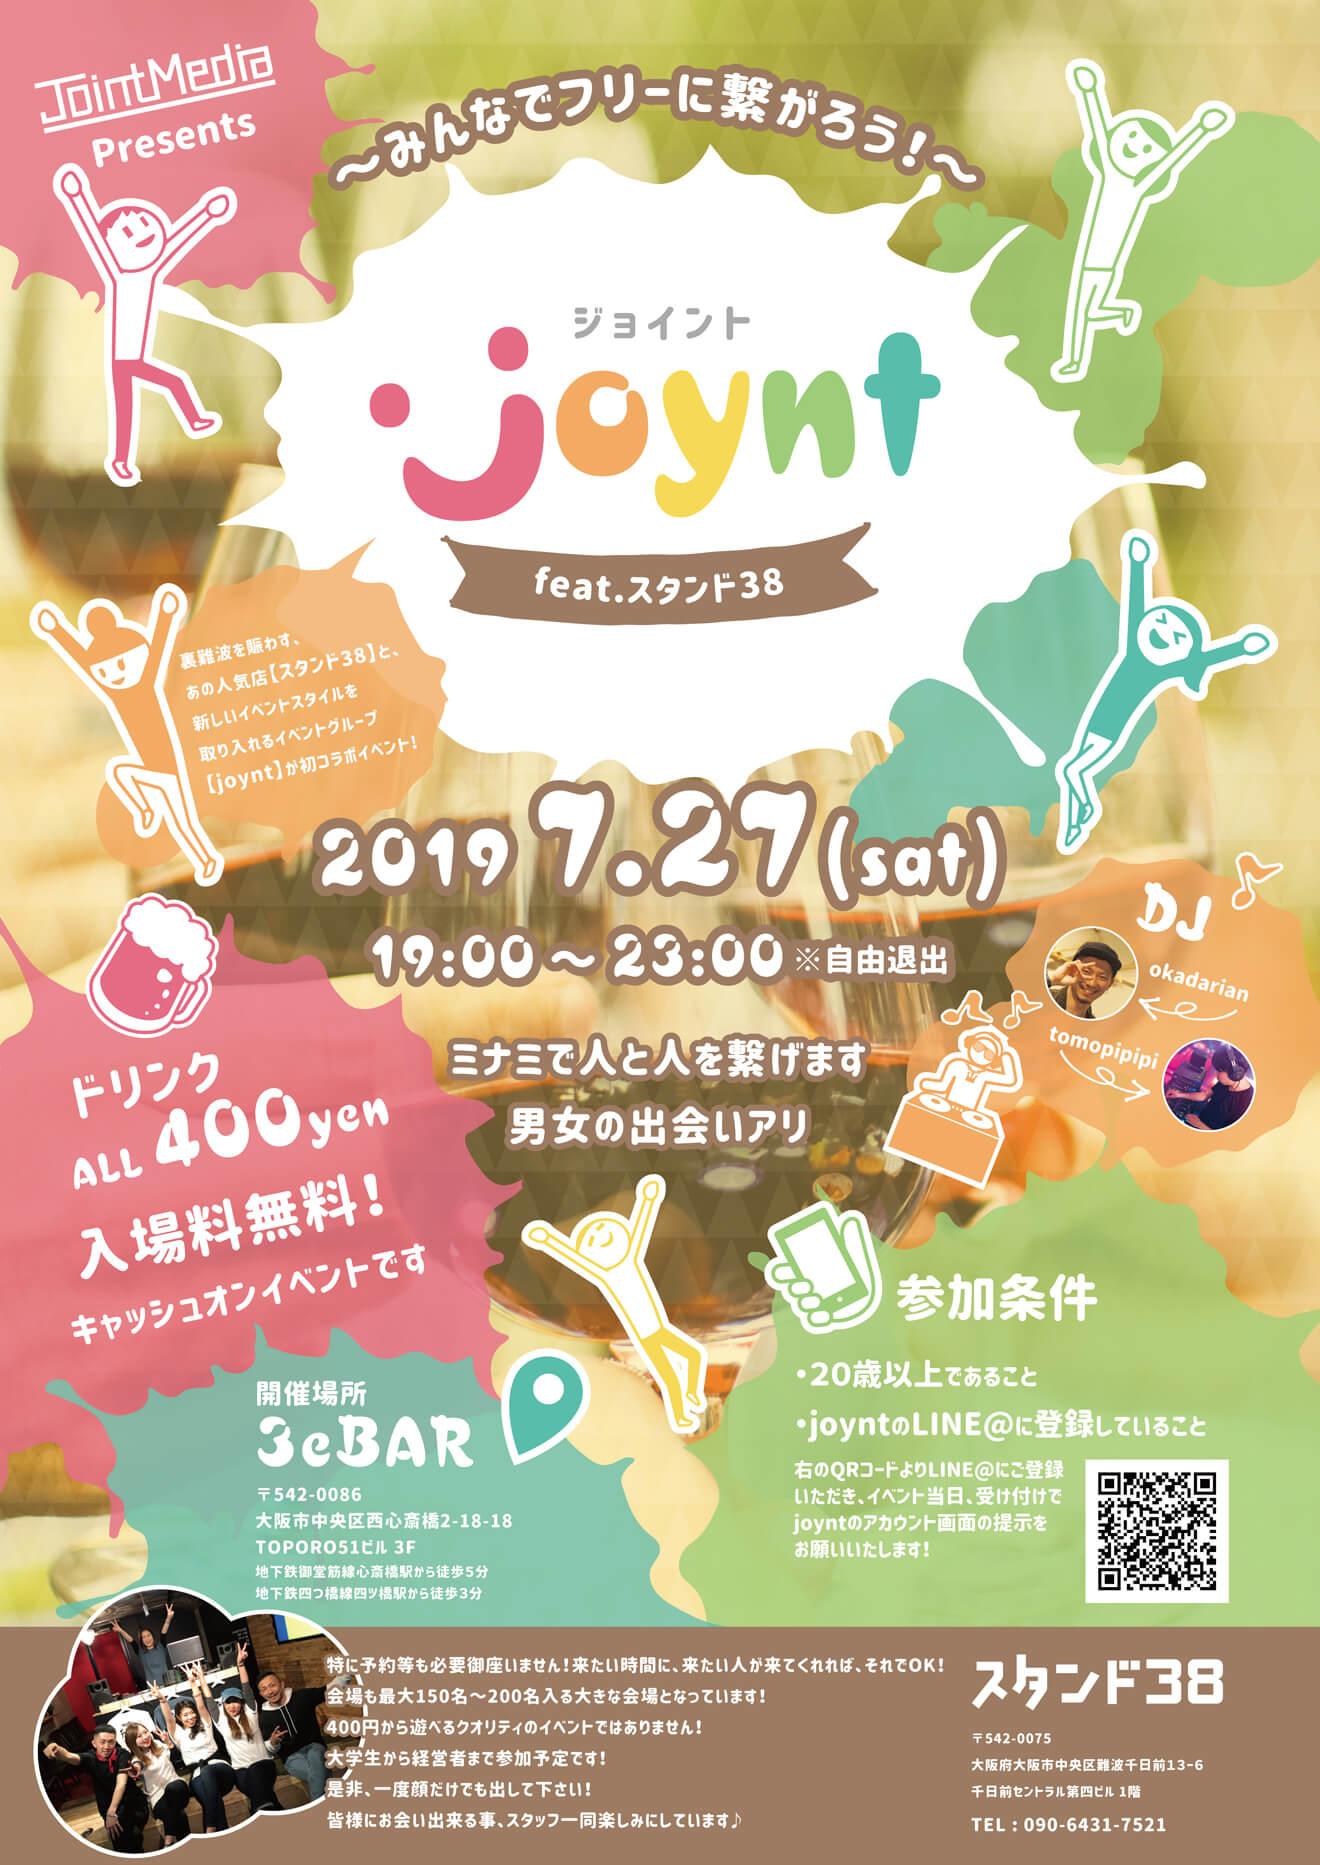 関西発!!人と人を繋ぐjoynt(ジョイント) feat.スタンド38ポスター